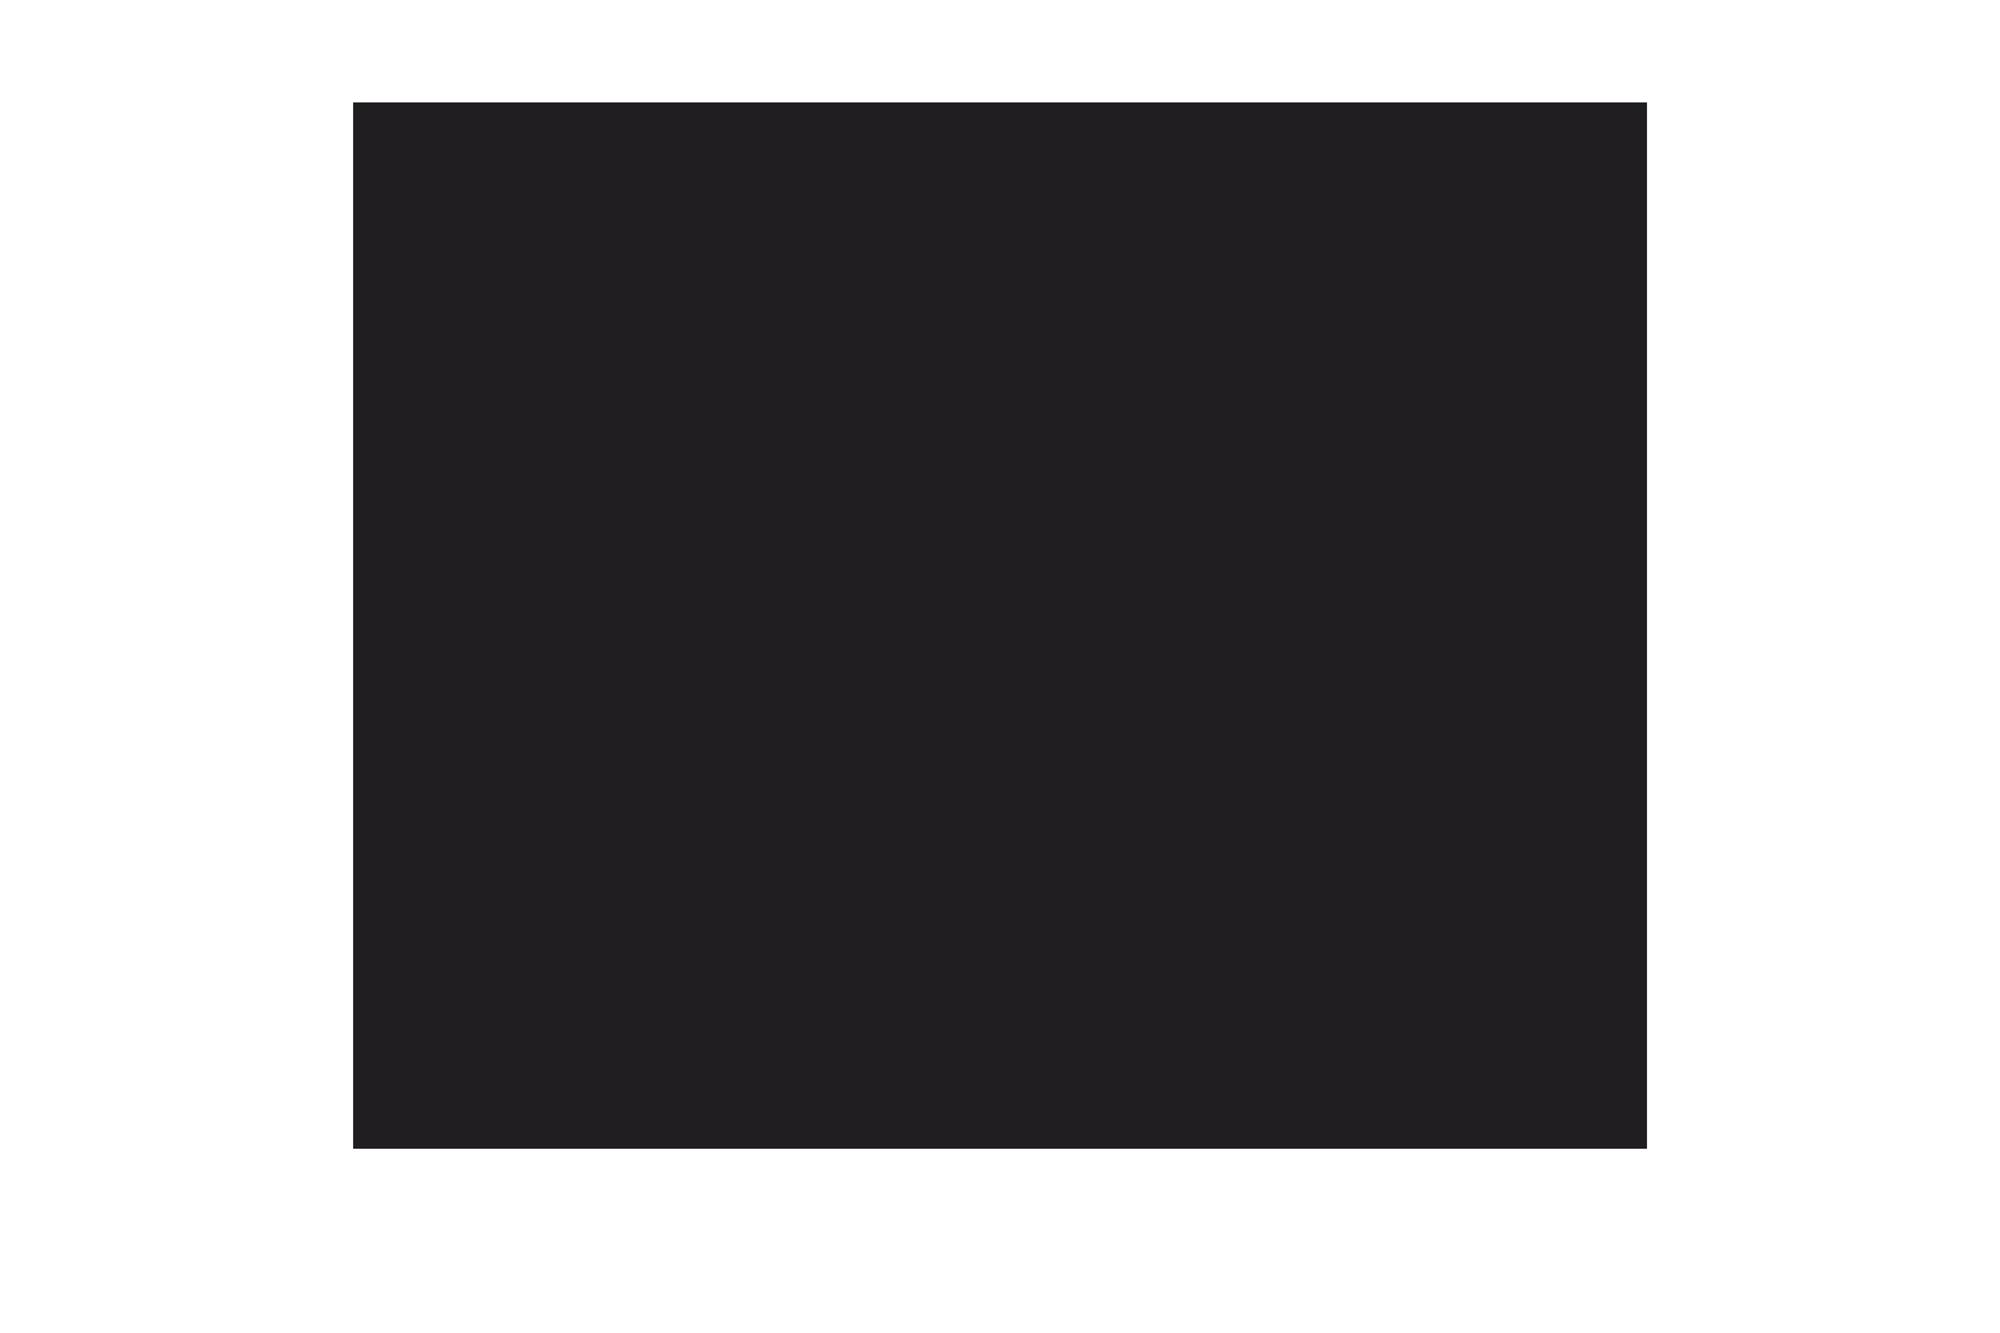 Lucas de Staël